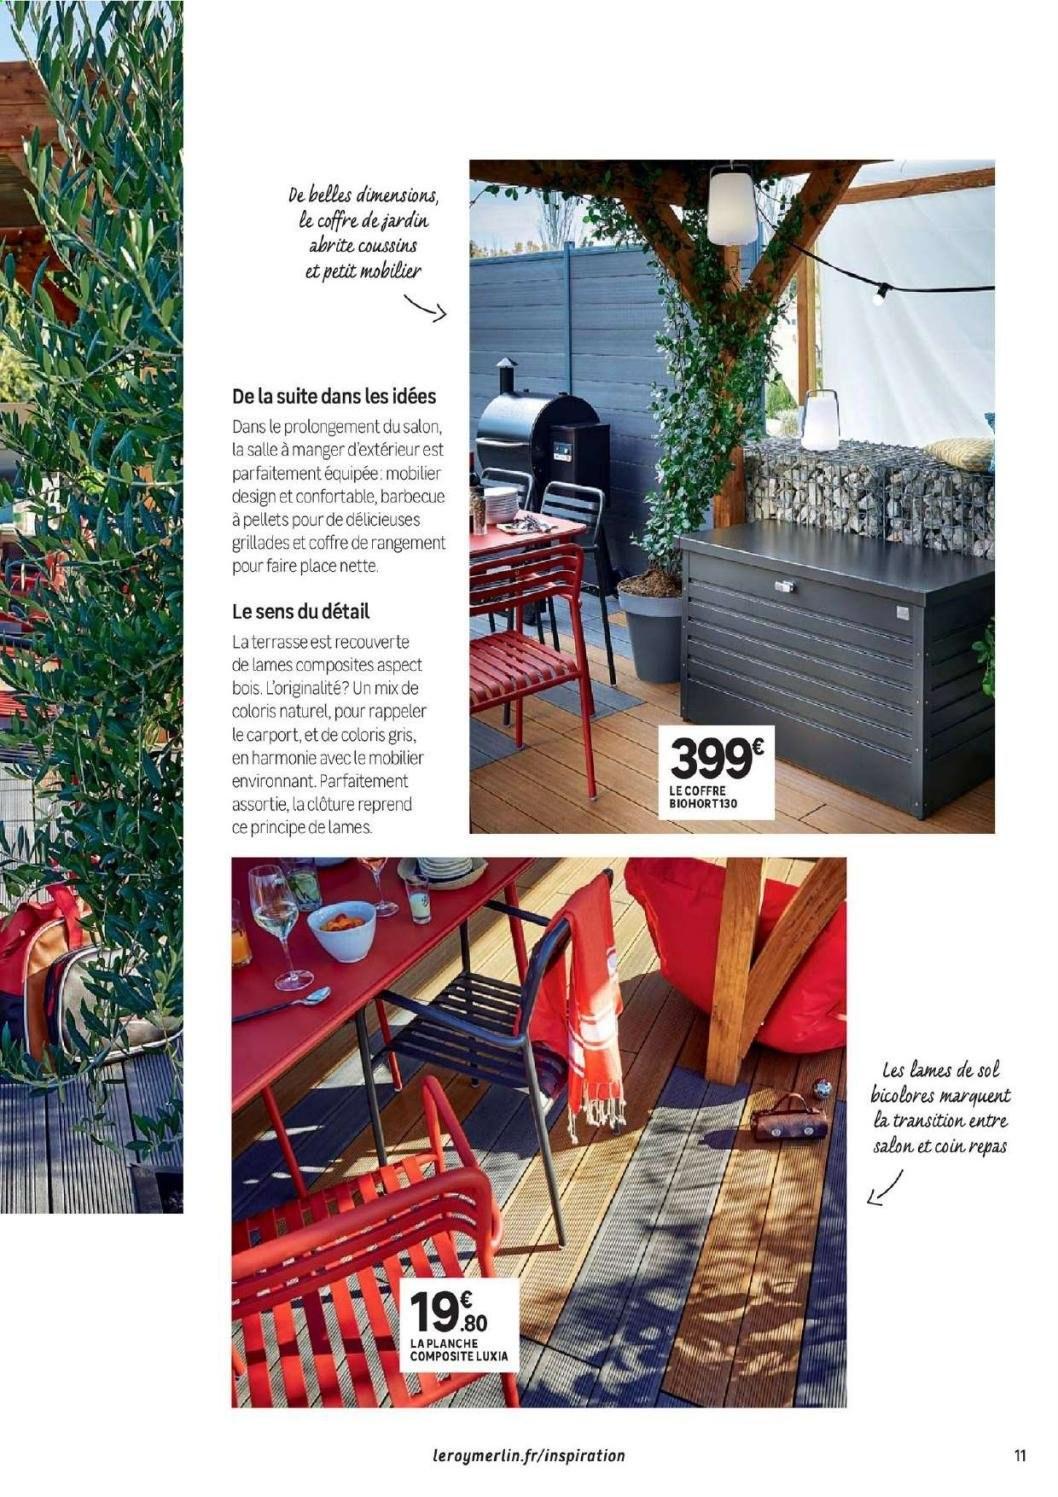 Salon De Jardin Avec Rangement Coussin Nouveau Coffre Rangement Terrasse Leroy Merlin Of 22 Frais Salon De Jardin Avec Rangement Coussin